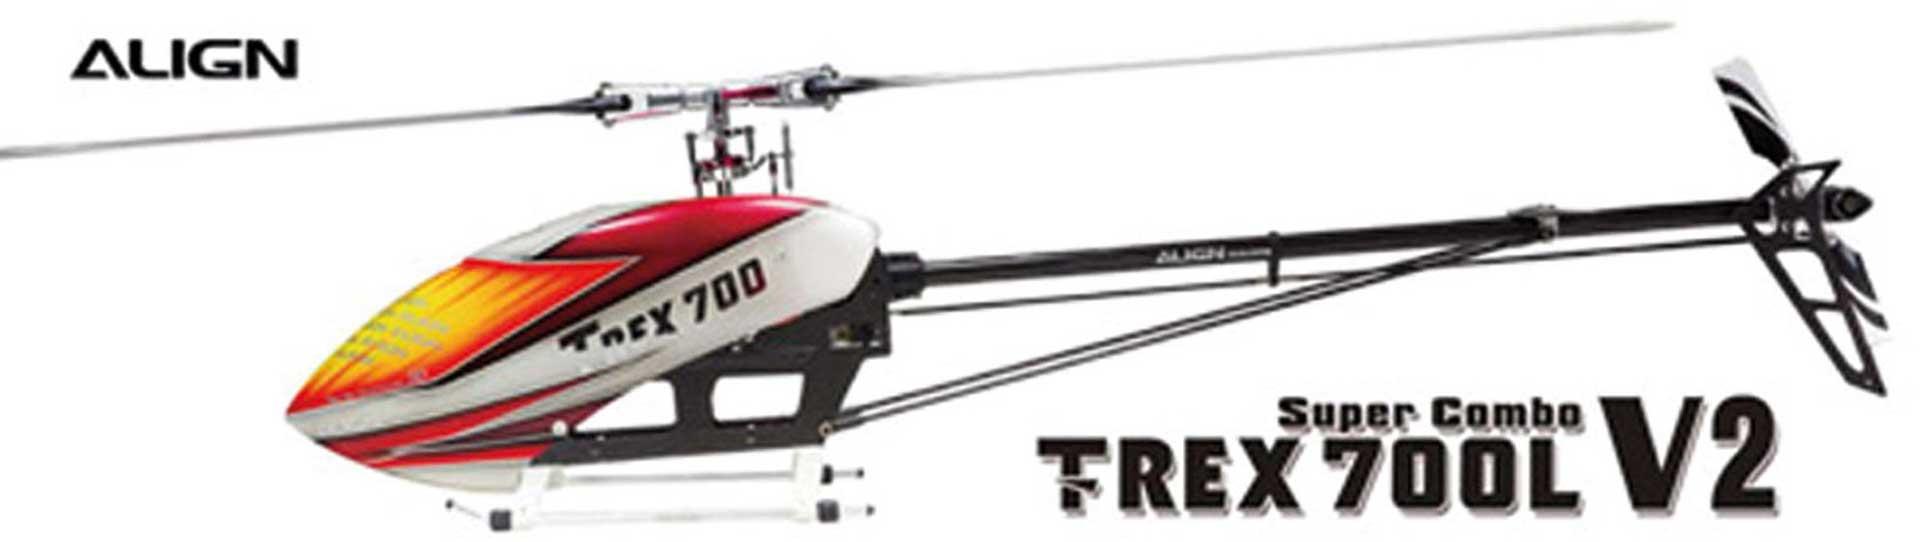 ALIGN T-REX 700L V2 SUPER COMBO inkl. MB+ Hubschrauber / Helikopter